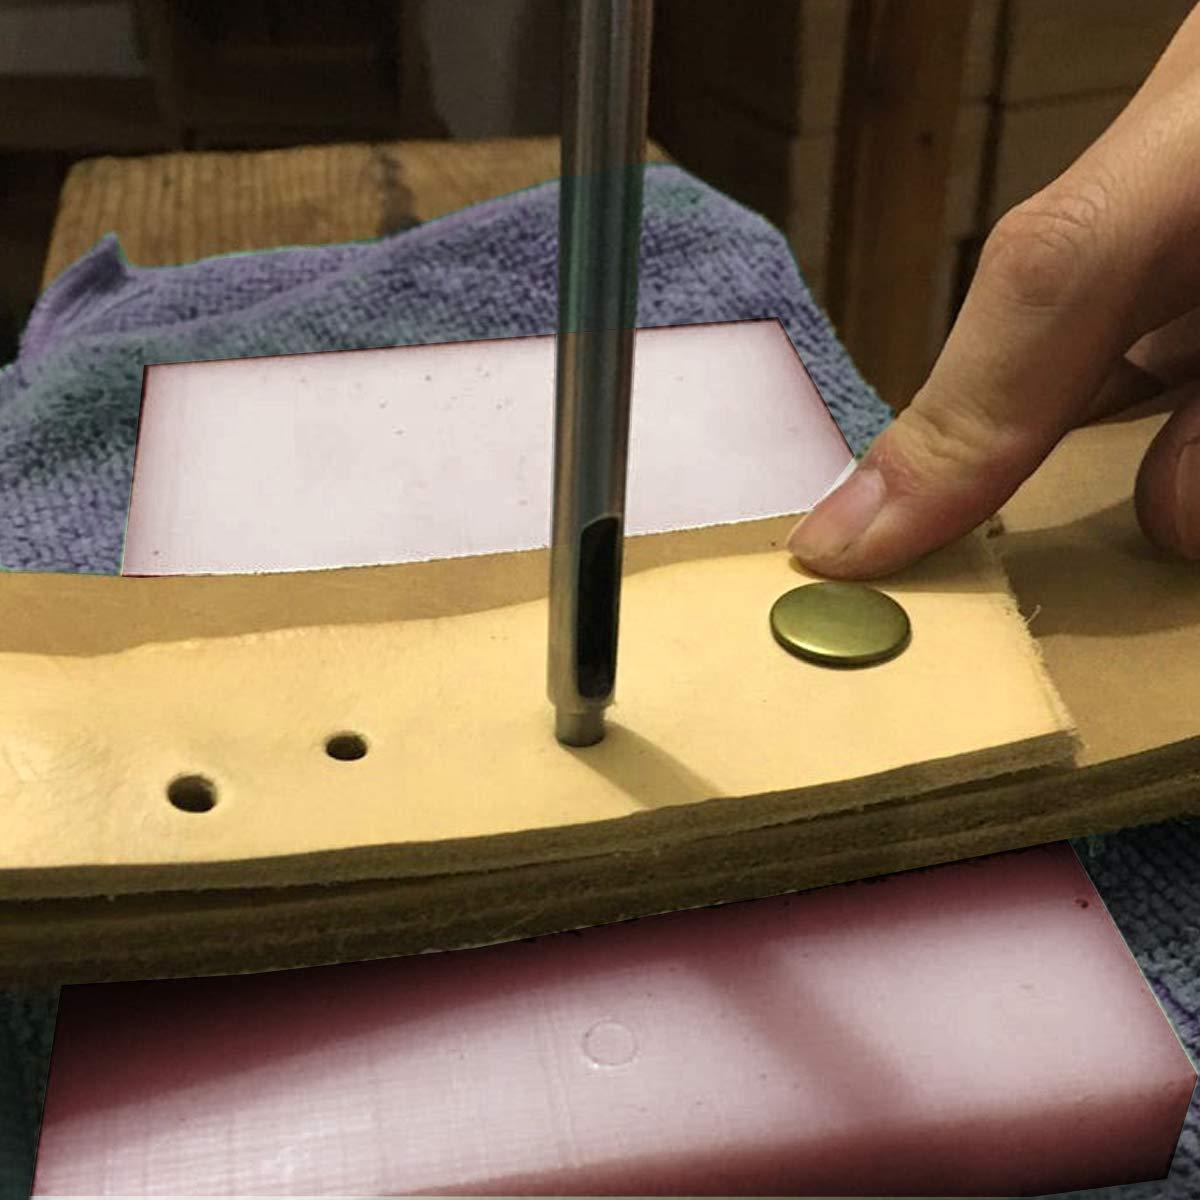 acero 19 mm Weddecor Hollow Hoja de metal de acero s/ólido de piel perforadora de papel resistente cuero sint/ético Junta de goma fina de lat/ón Tack cortadores de herramientas perforadora